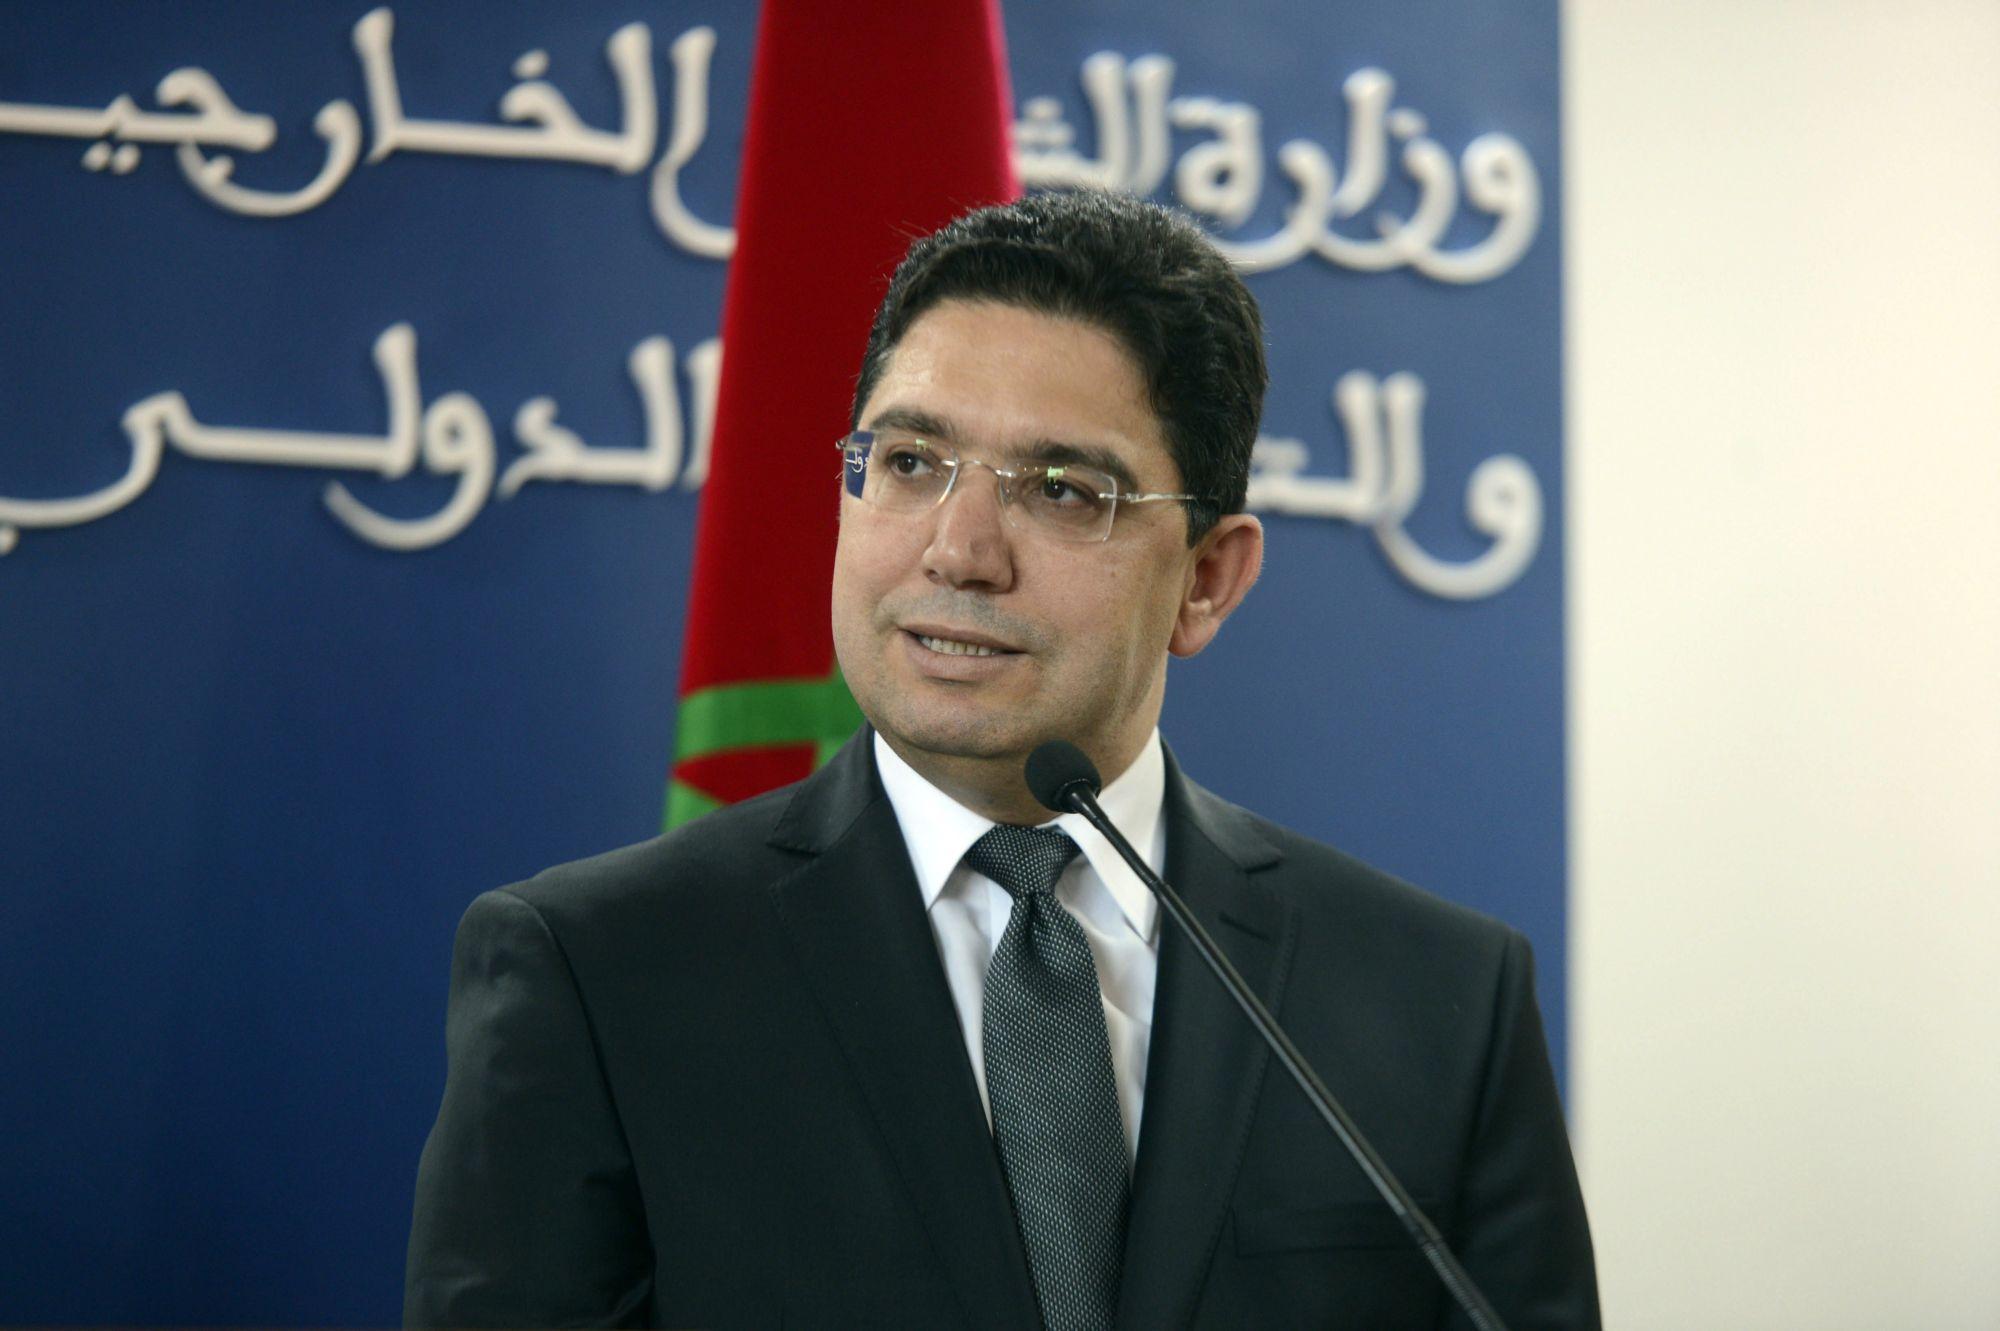 A marokkói külügyminiszter, Neszer Burita egy sajtótájékoztatón Rabatban, Marokkóban 2018. április 20-án.  EPA/STR